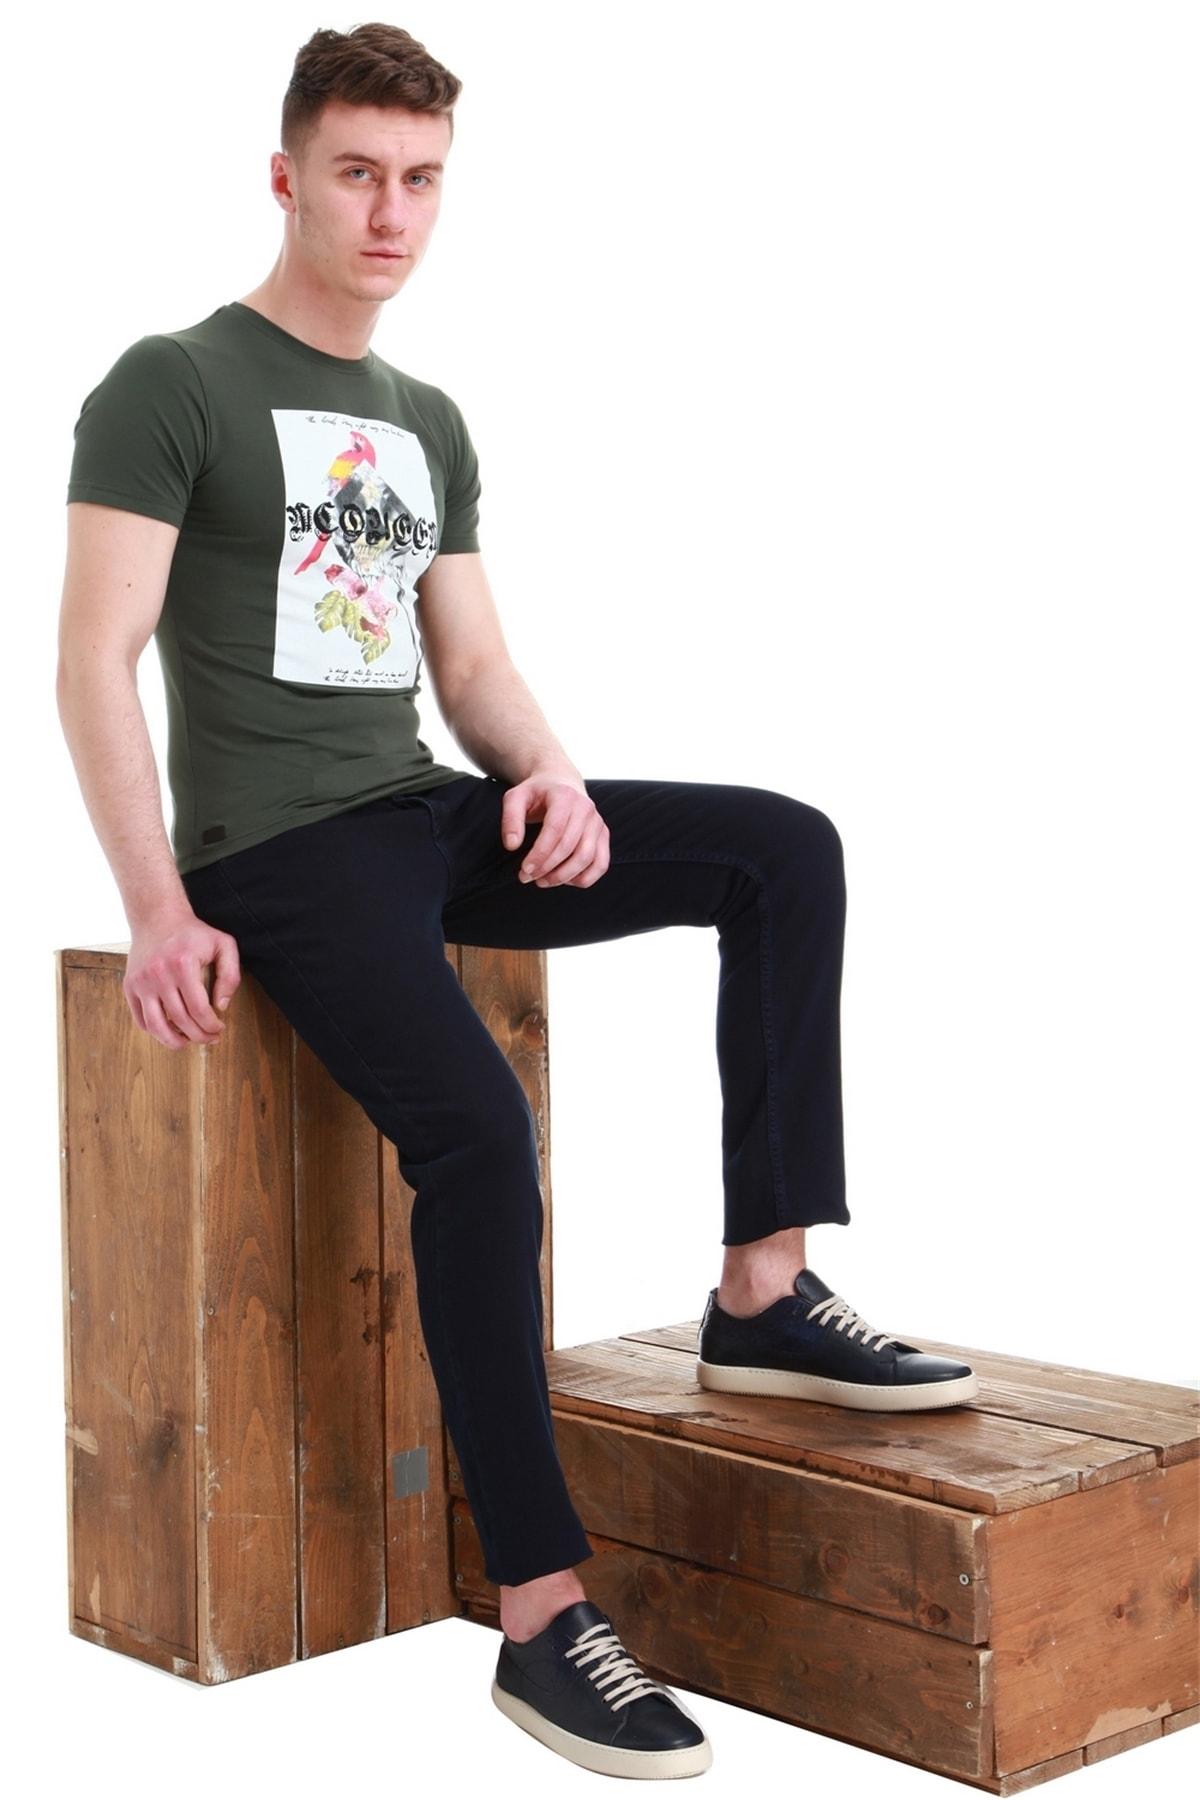 Efor Ts 749 Slim Fit Haki Spor T-shirt 1